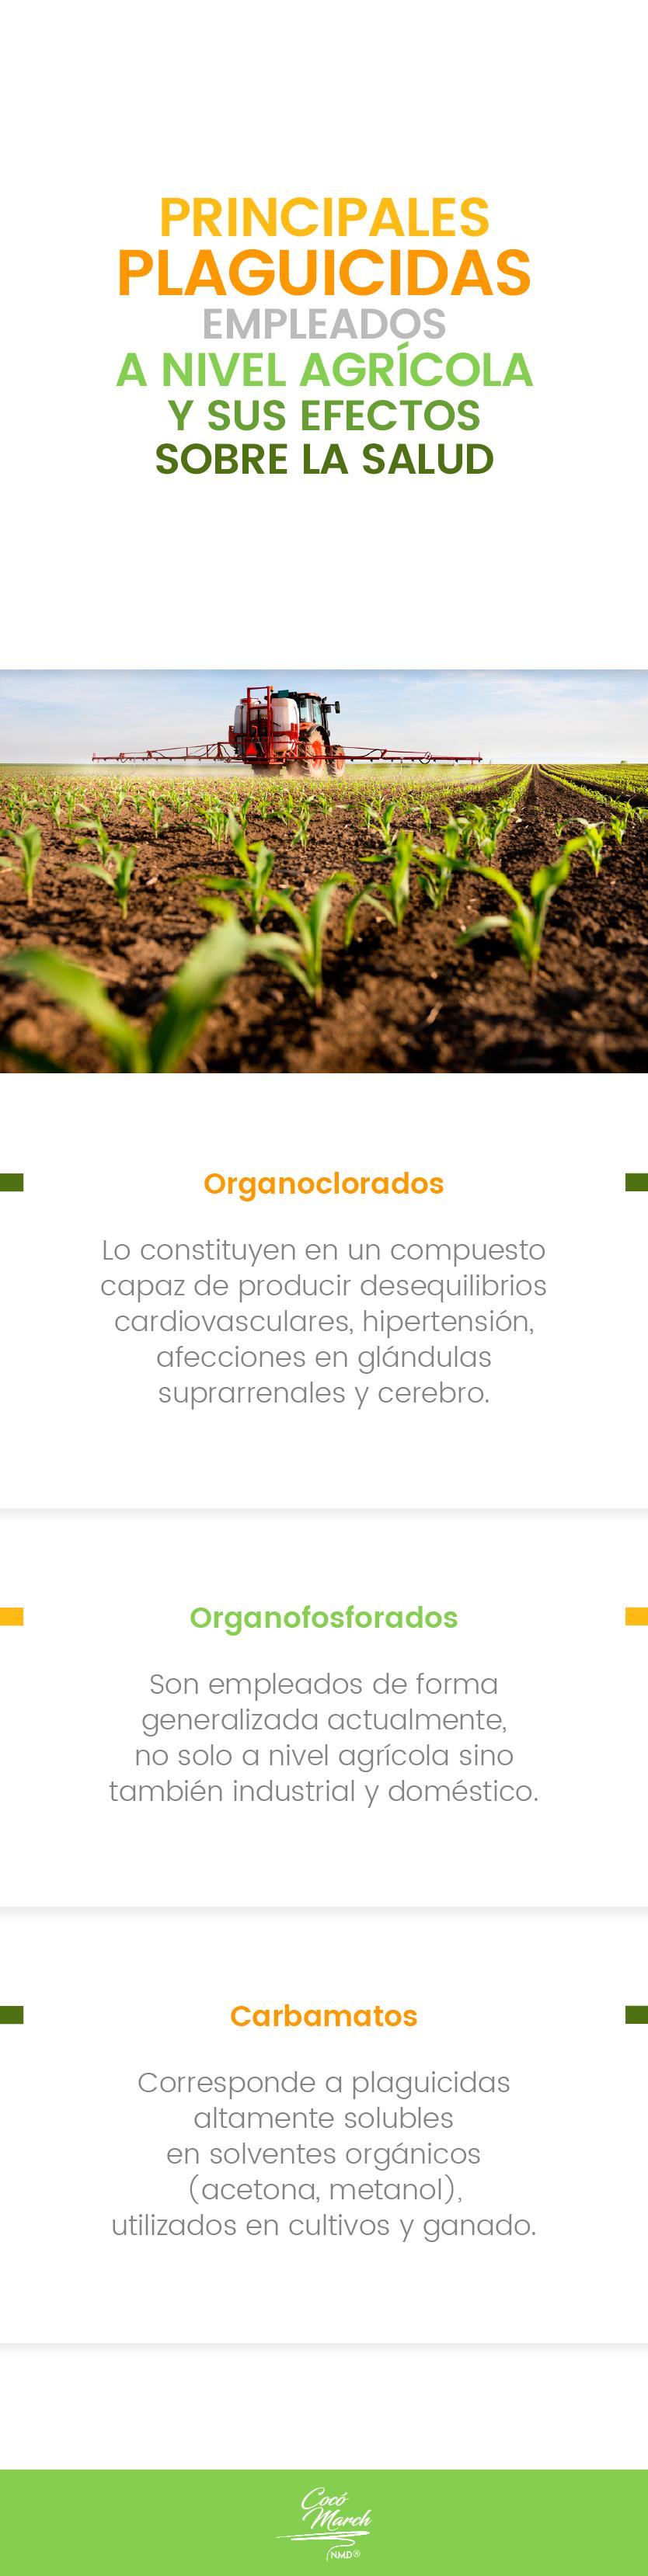 principales-plaguicidas-empleados-a-nivel-agricola-y-sus-efectos-en-la-salud